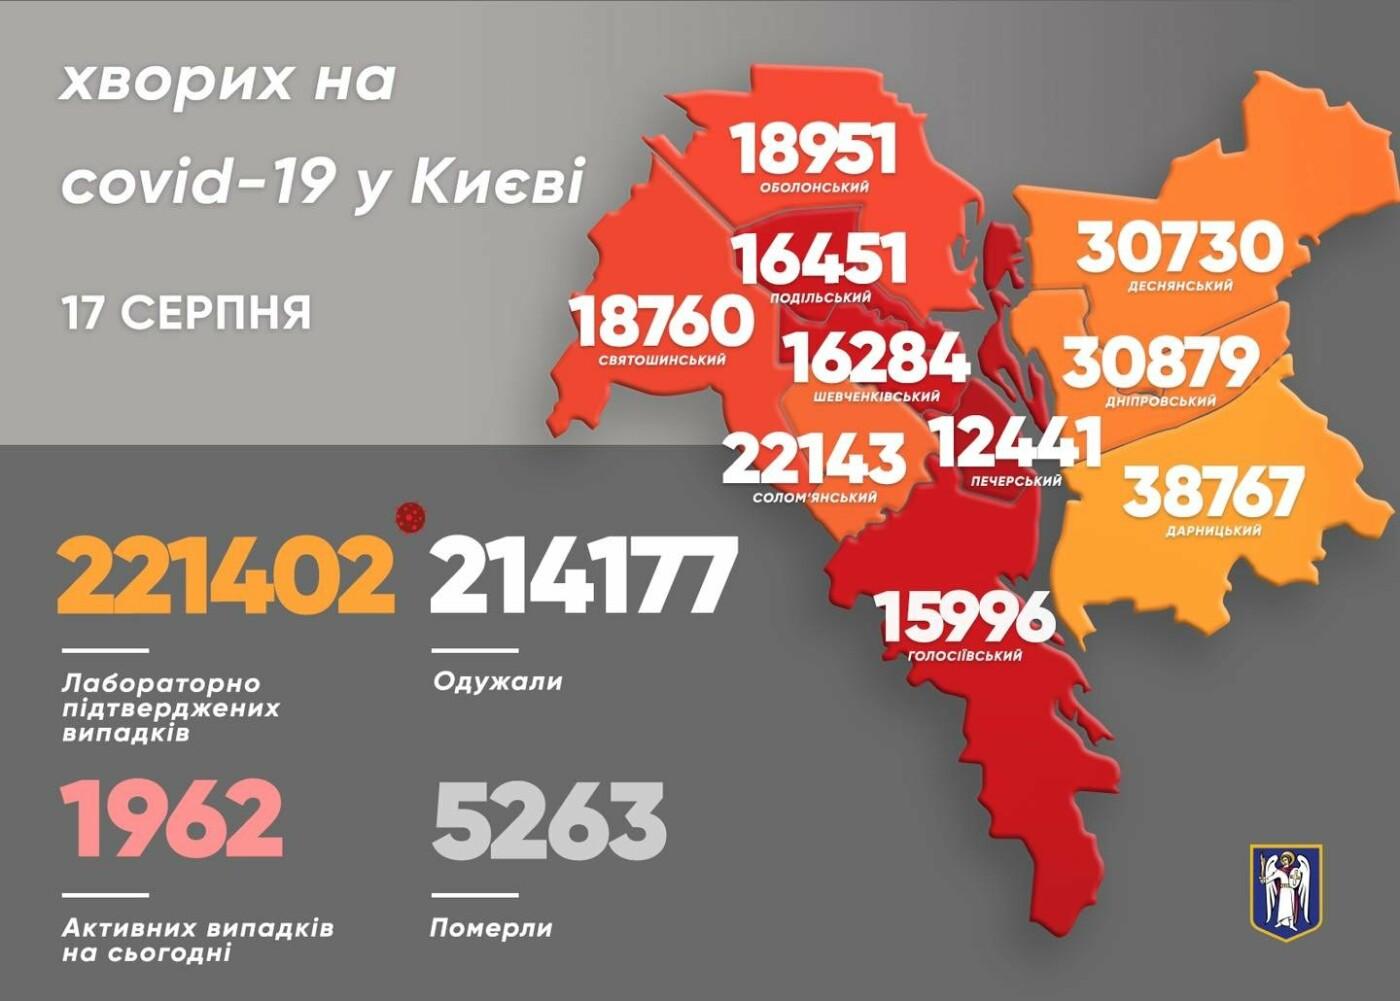 Статистика на 17 августа